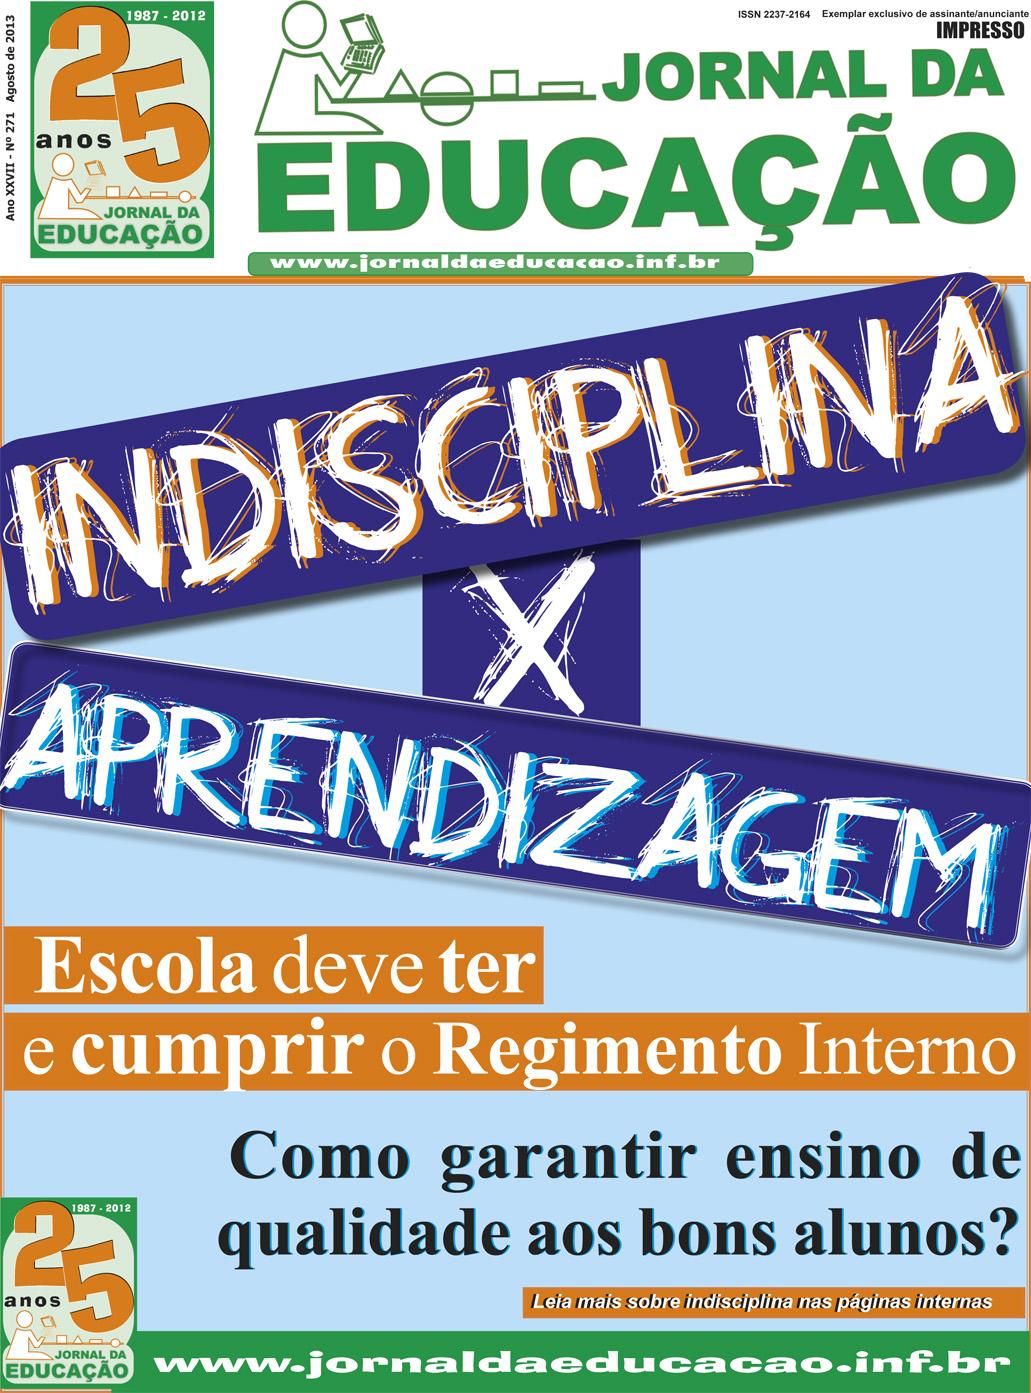 História do Jornal